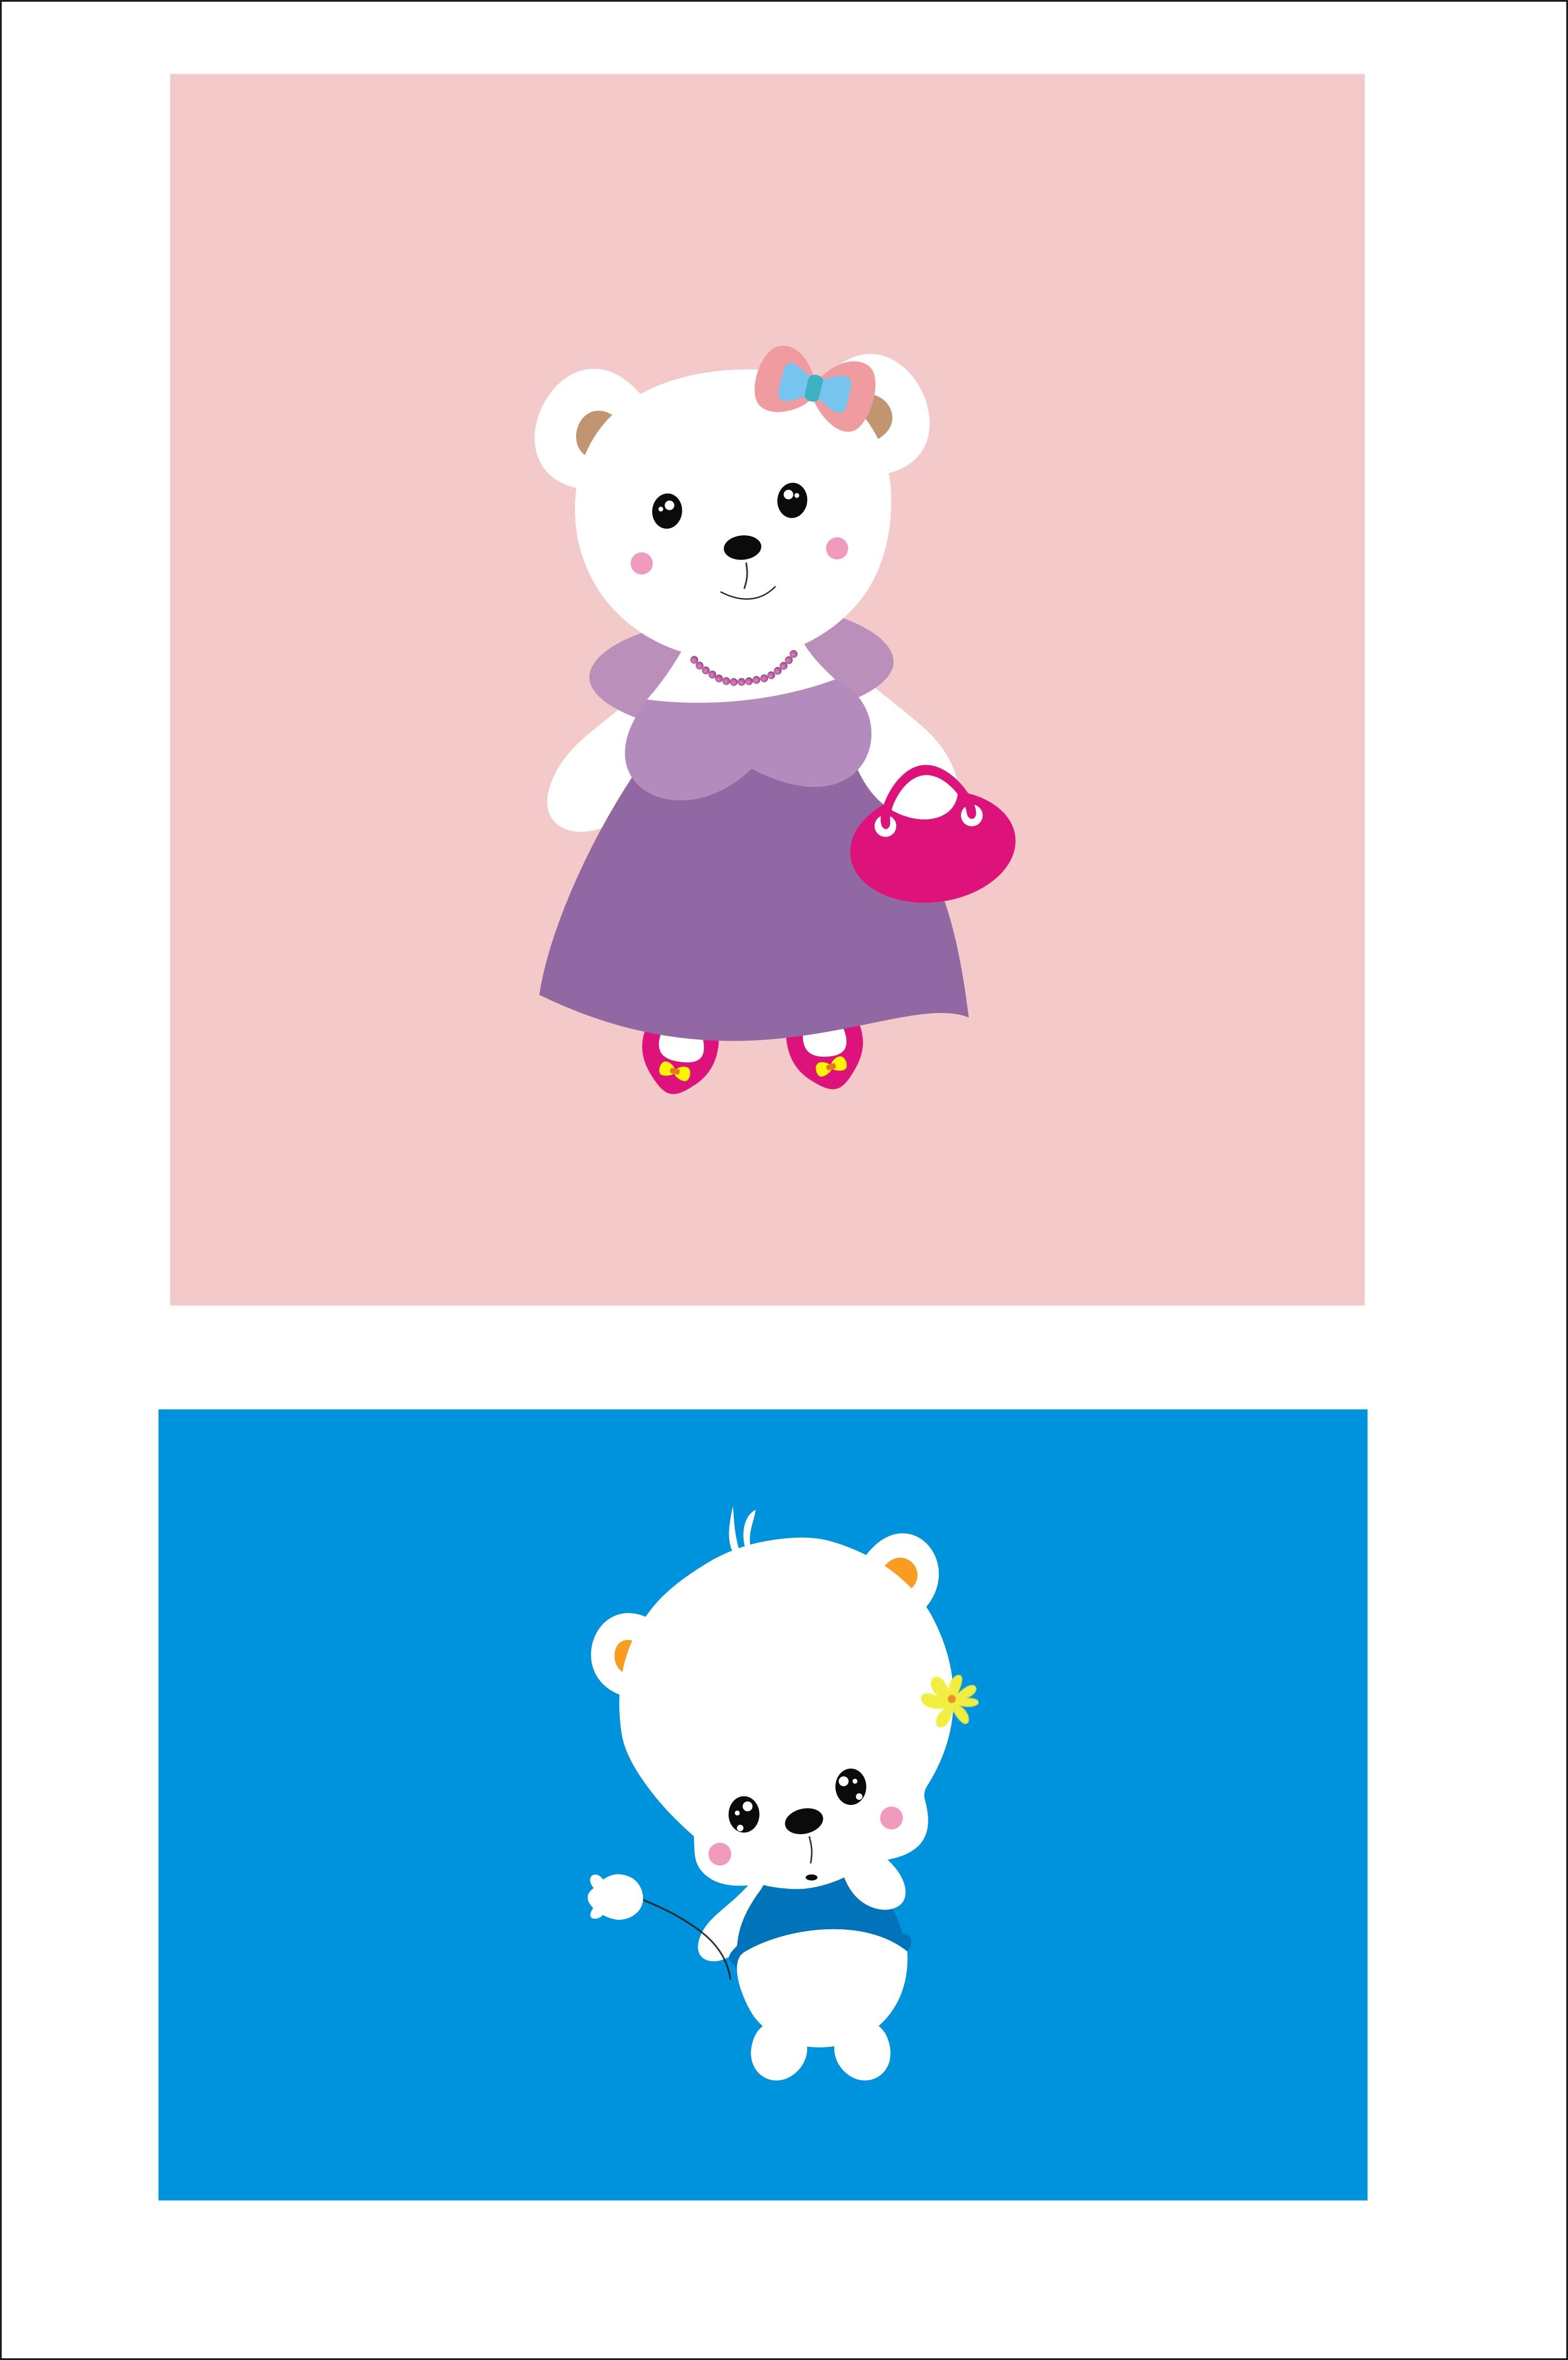 先做了熊猫宝宝和妈妈,熊猫爸爸还在设计制作中.